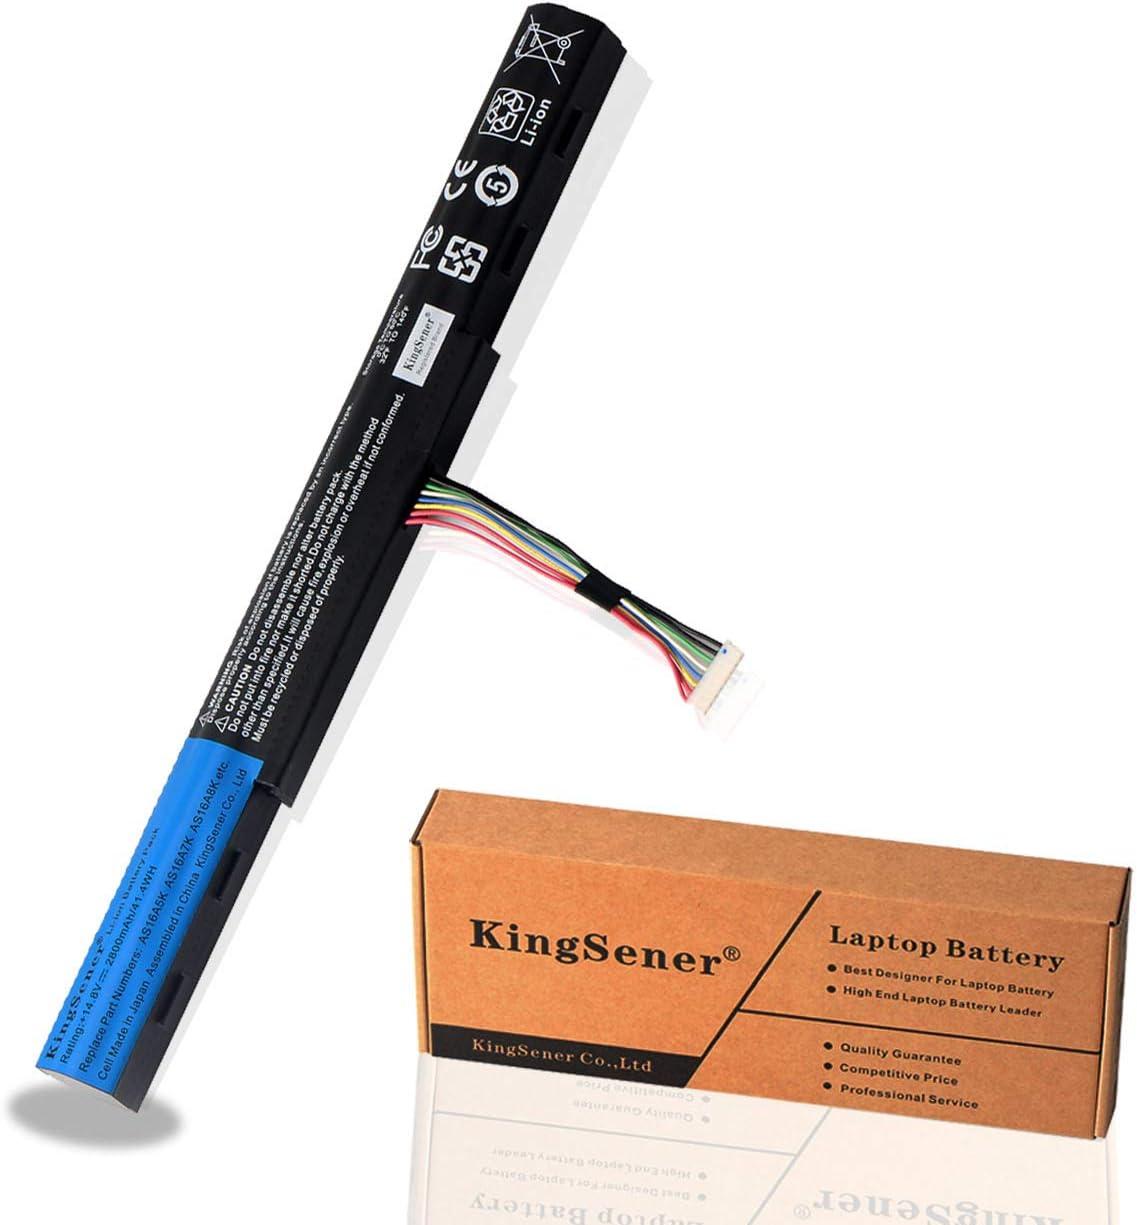 KingSener New AS16A5K Battery for Acer Aspire E15 E5-475G 523G 573G 575G 774G E5-575G E5-575-59QB E5-575G-53VG AS16A7K AS16A8K